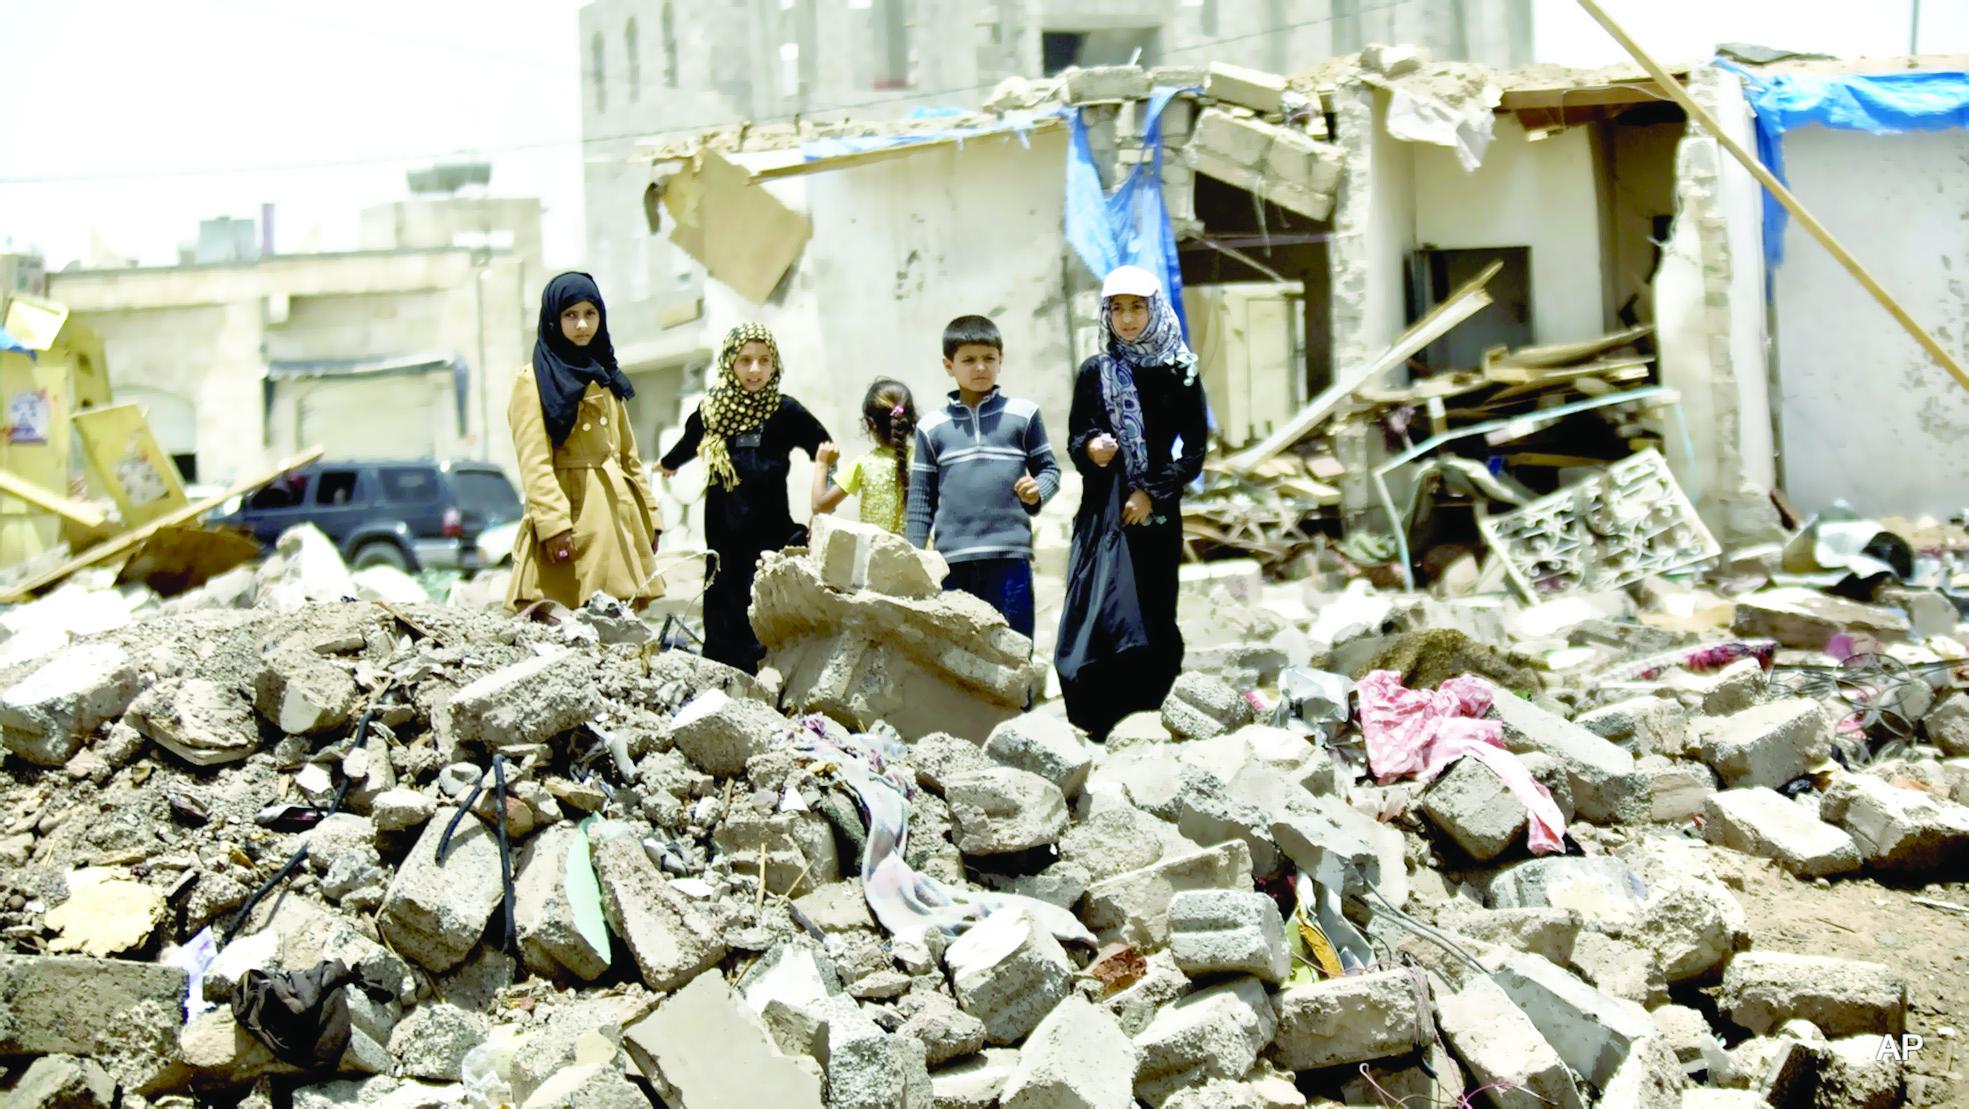 أنباء عن وساطة روسية في اليمنعلاج صالح.. هل يكون مخرج الطوارئ للأزمة؟